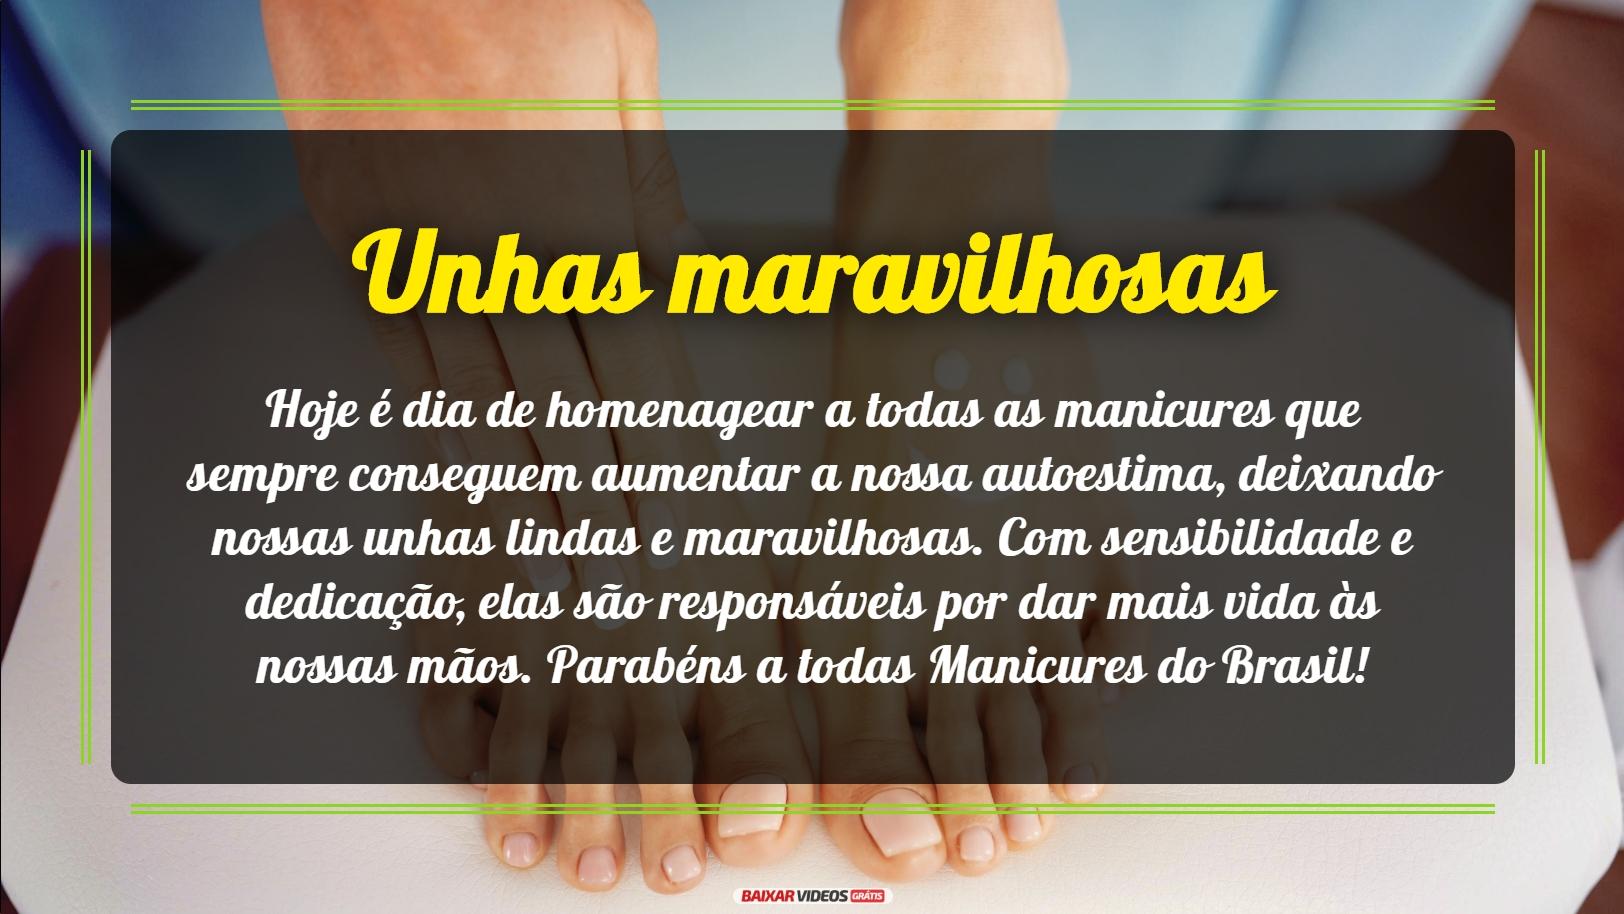 Hoje é dia de homenagear a todas as manicures que sempre conseguem aumentar a nossa autoestima, deixando nossas unhas lindas e maravilhosas. Com sensibilidade e dedicação, elas são responsáveis por dar mais vida às nossas mãos. Parabéns a todas Manicures do Brasil!